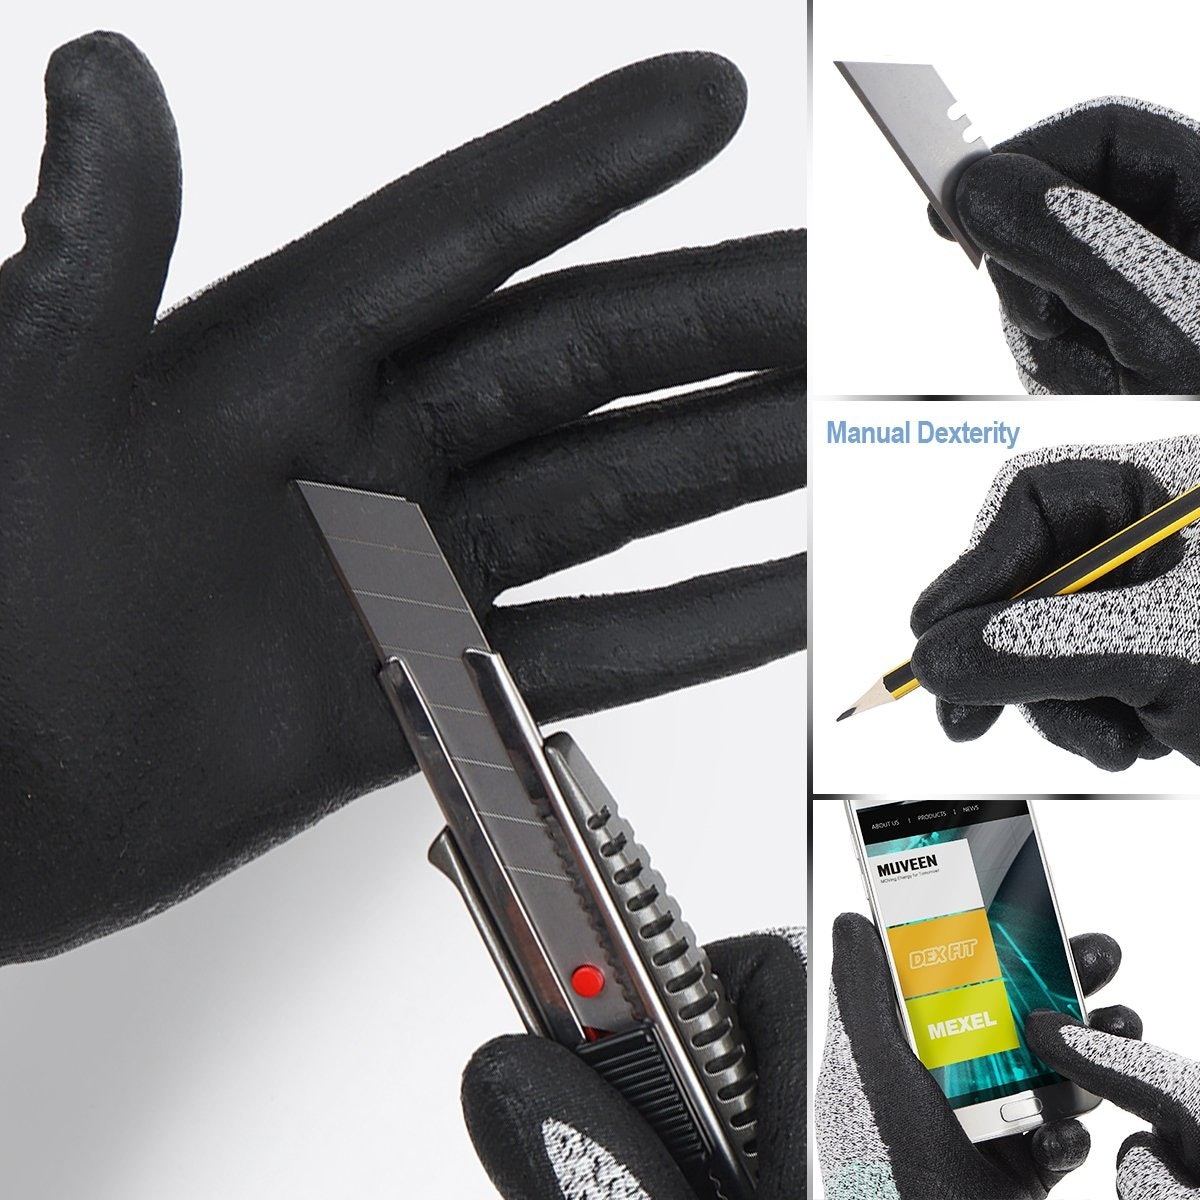 DEX FIT Cut-Resistant Gloves